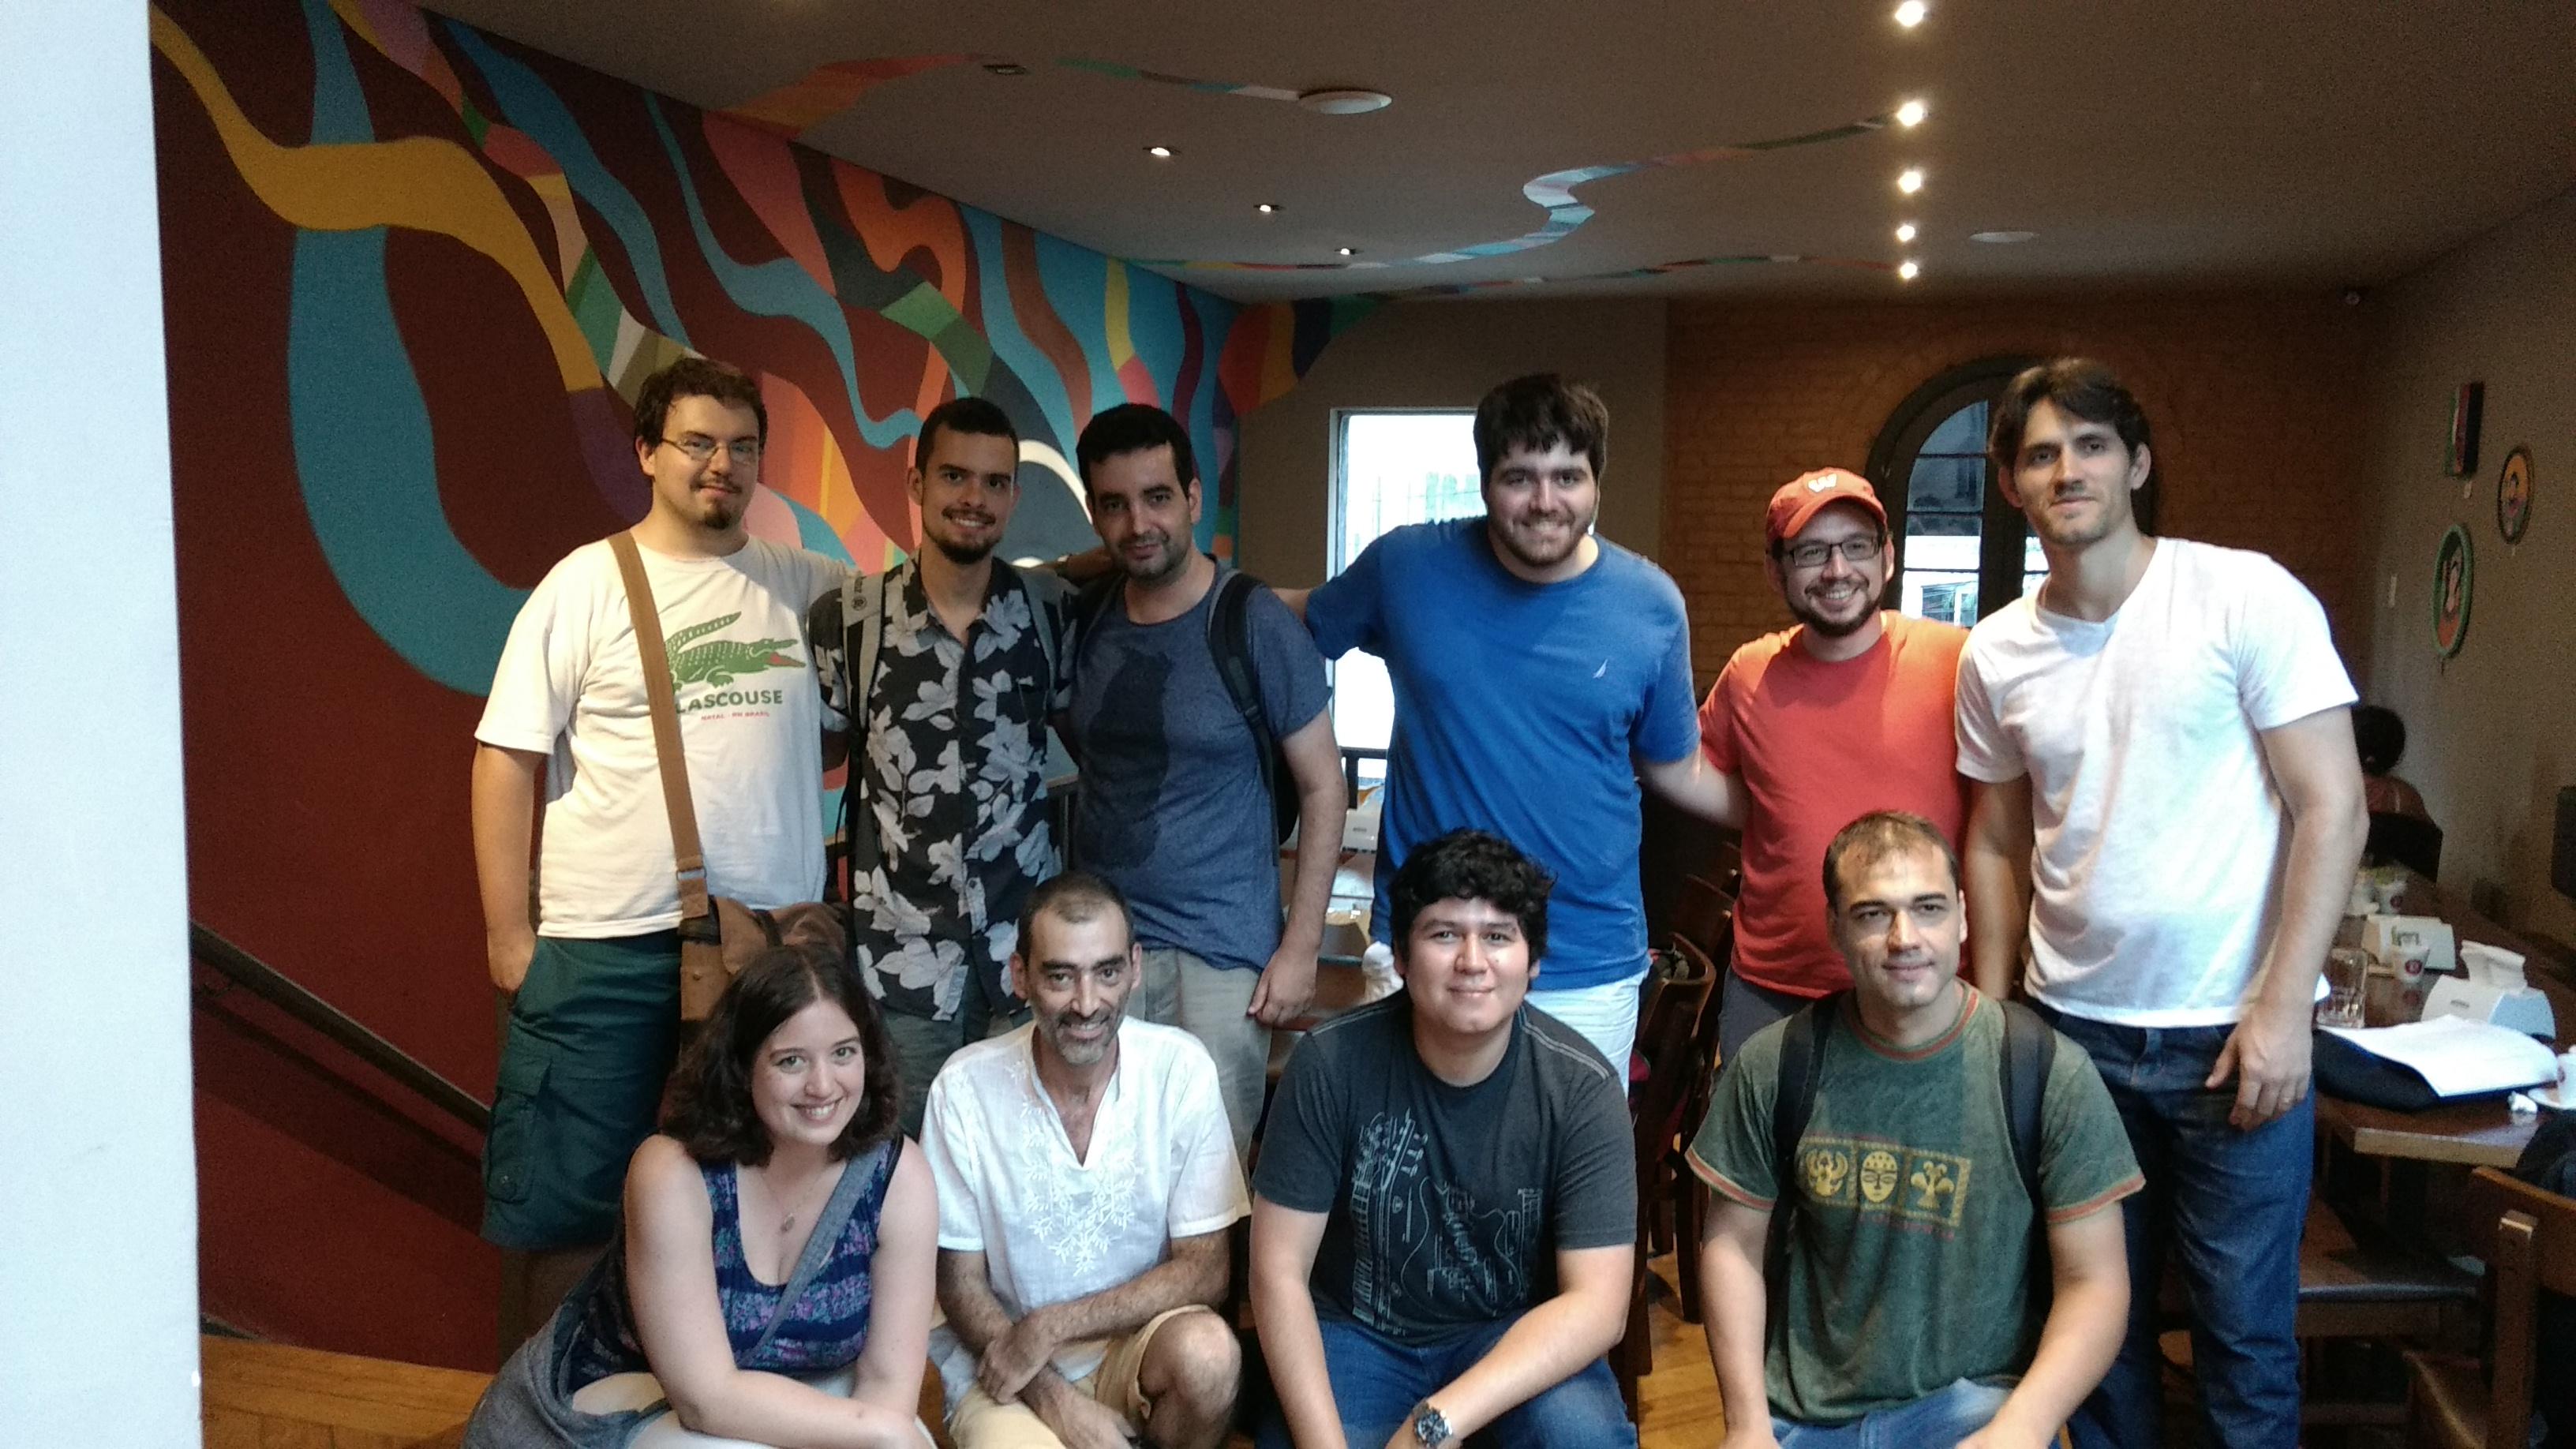 Meeting with representatives of the Grupo de Usuários Wikimedia no Brasil.